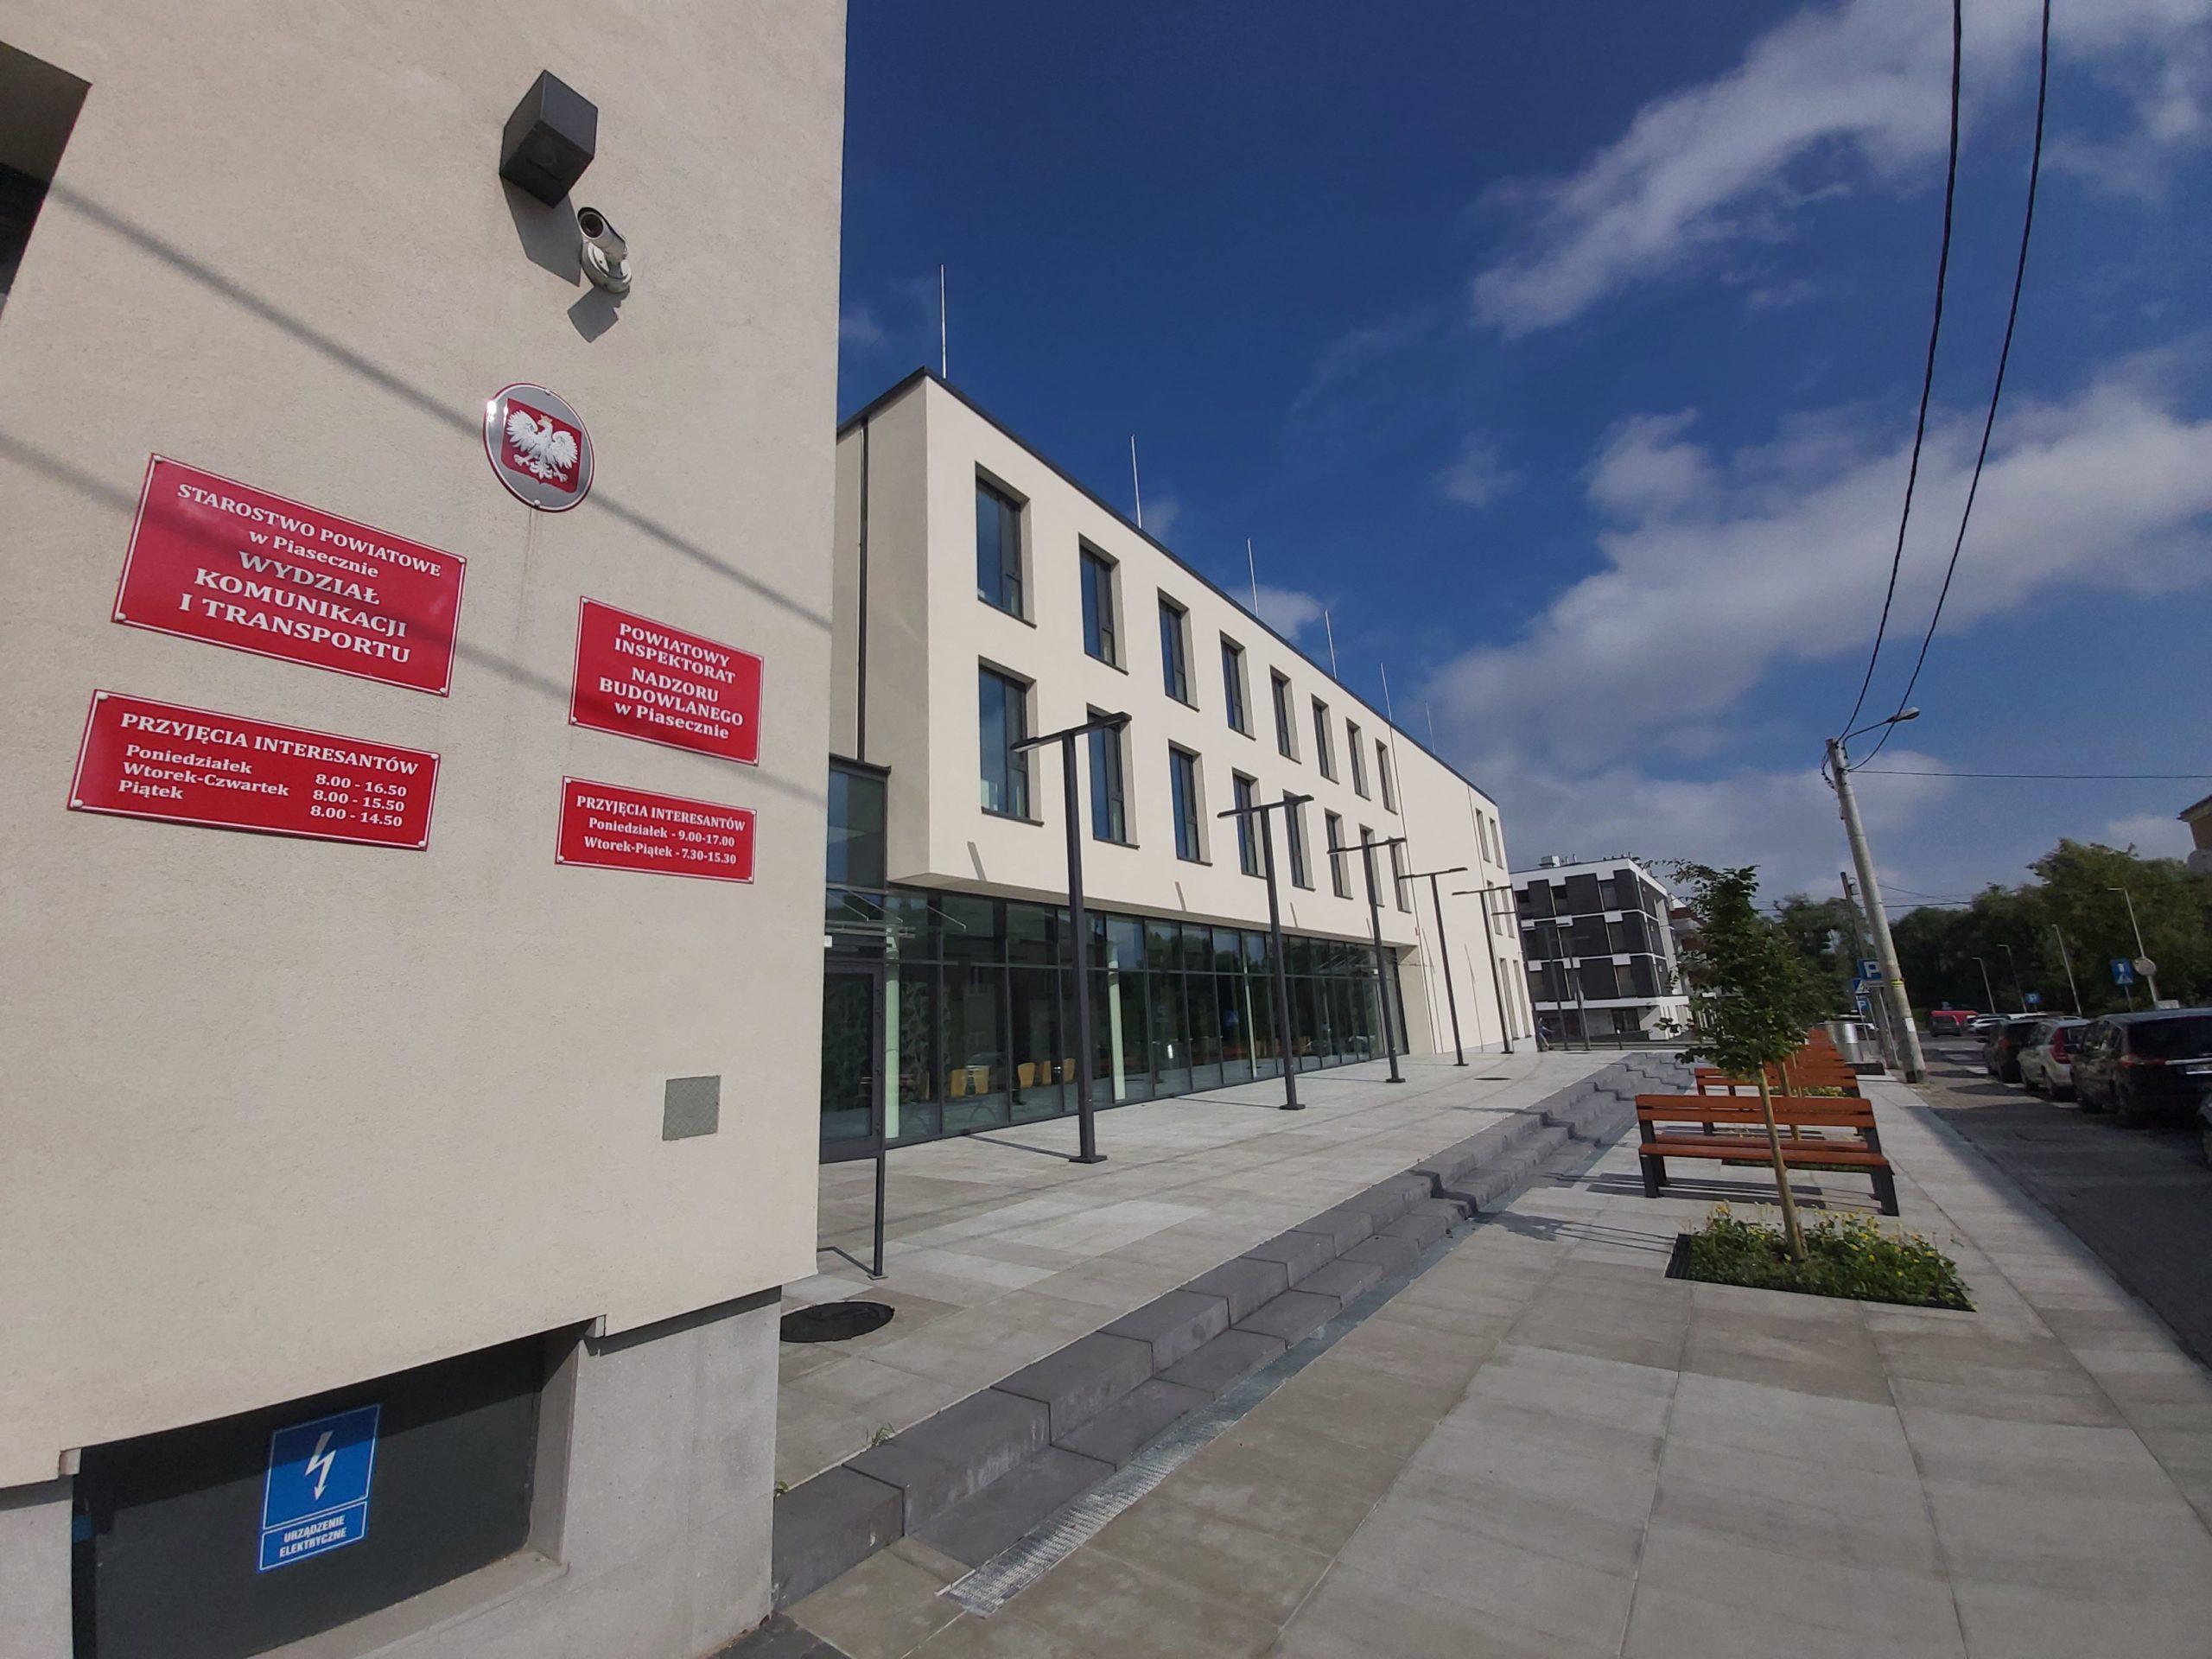 Budynek Wydziału Komunikacji i Transportu przy Czajewicza w Piasecznie